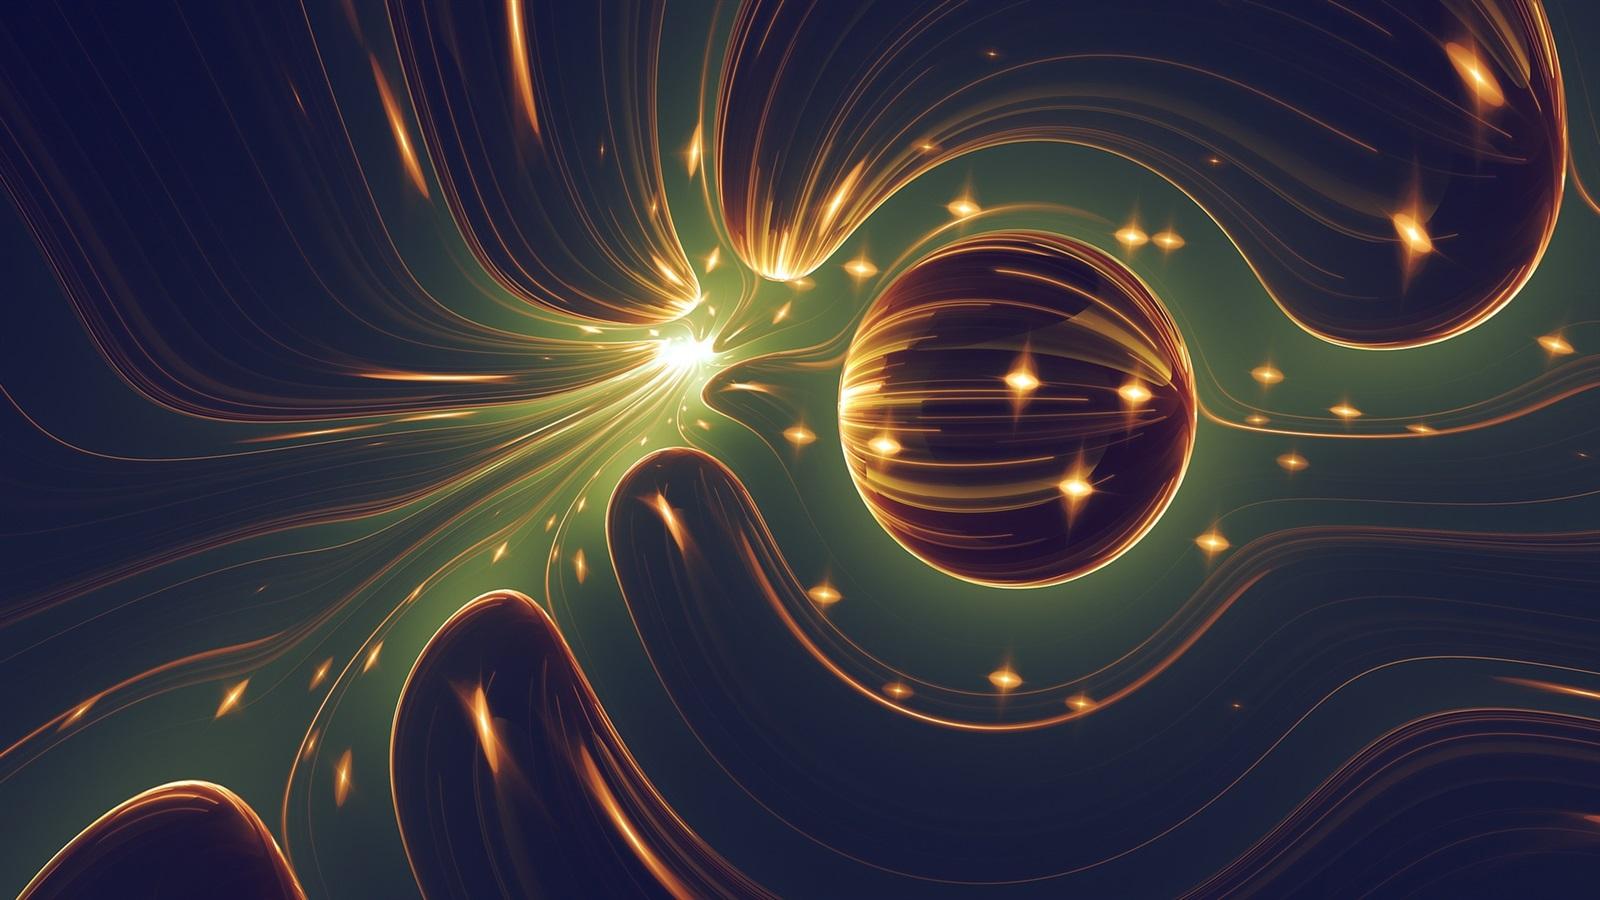 1920x1080 Abstracto Full Hd 1920x1080: Fonds D'écran Monde Abstrait, Boule, Lumière 1920x1080